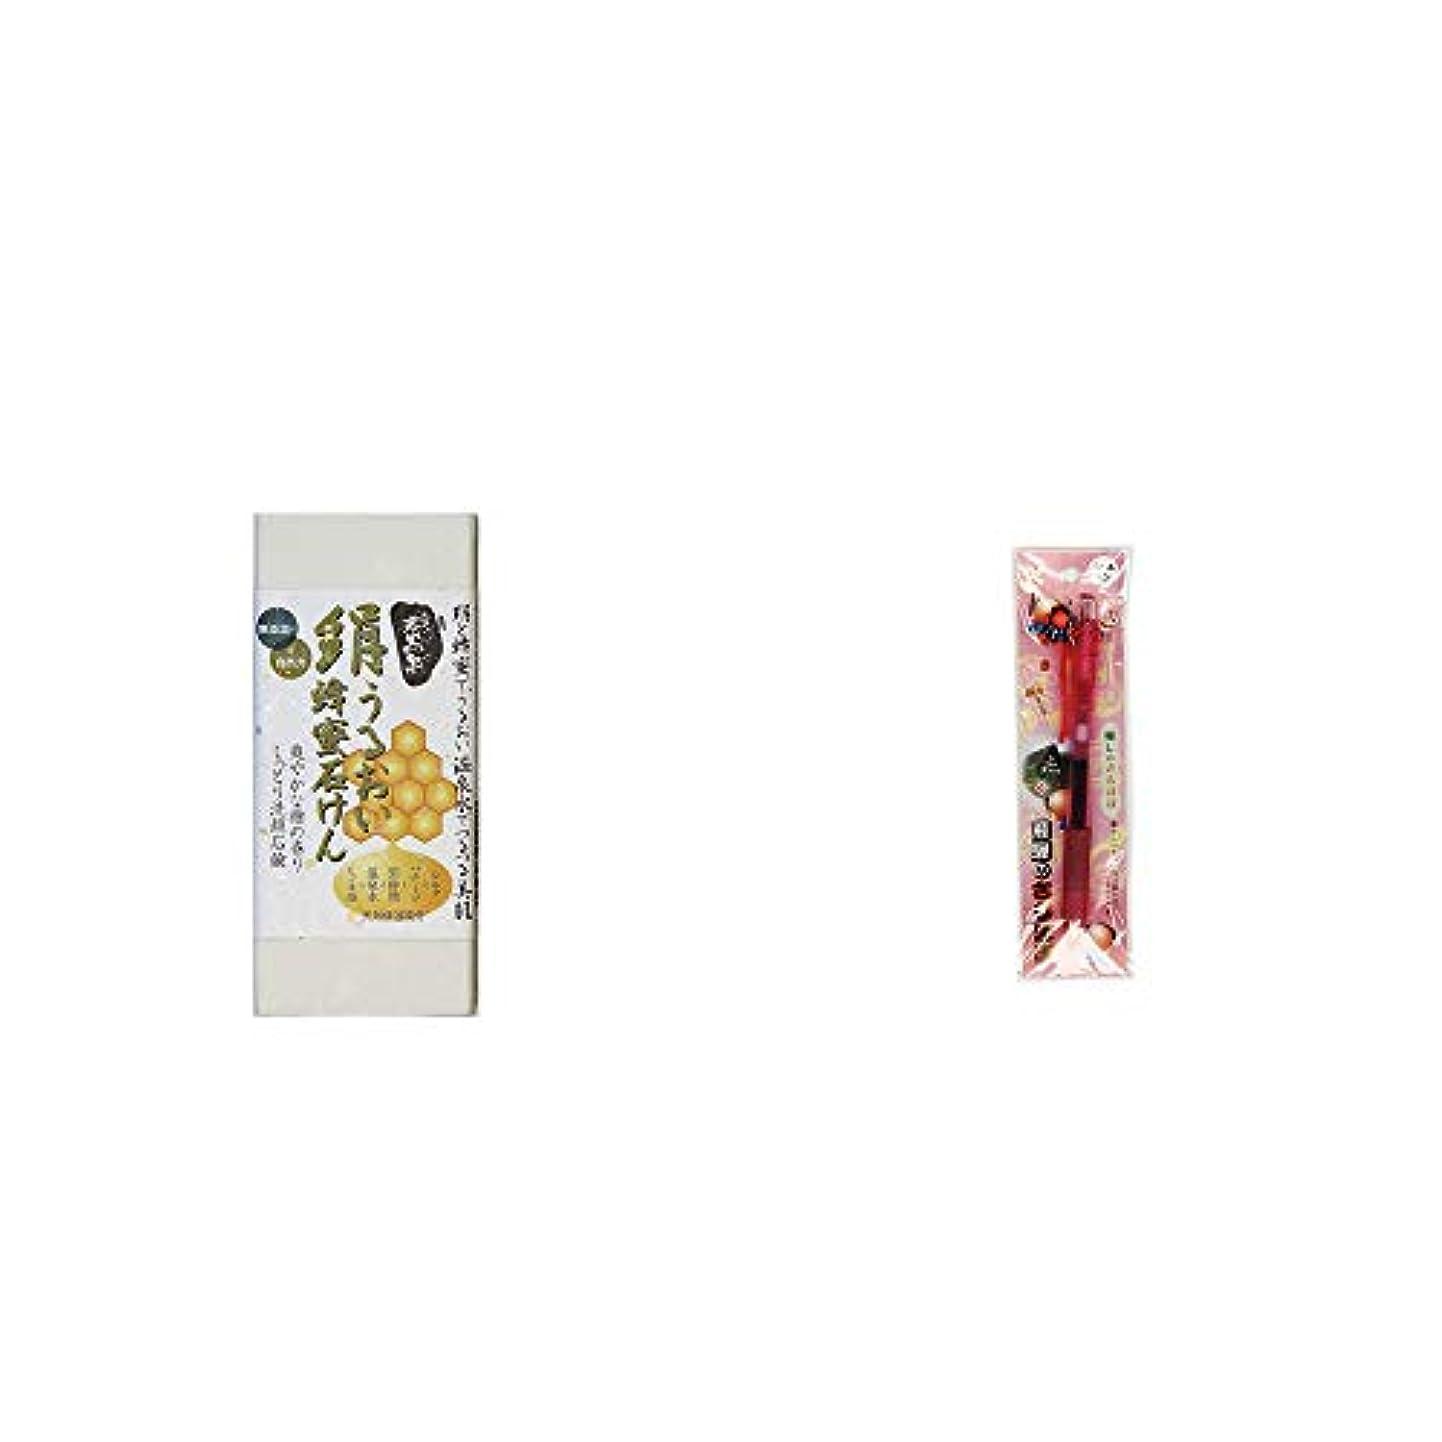 雄弁家フルーツ極端な[2点セット] ひのき炭黒泉 絹うるおい蜂蜜石けん(75g×2)?さるぼぼ 癒しボールペン 【ピンク】